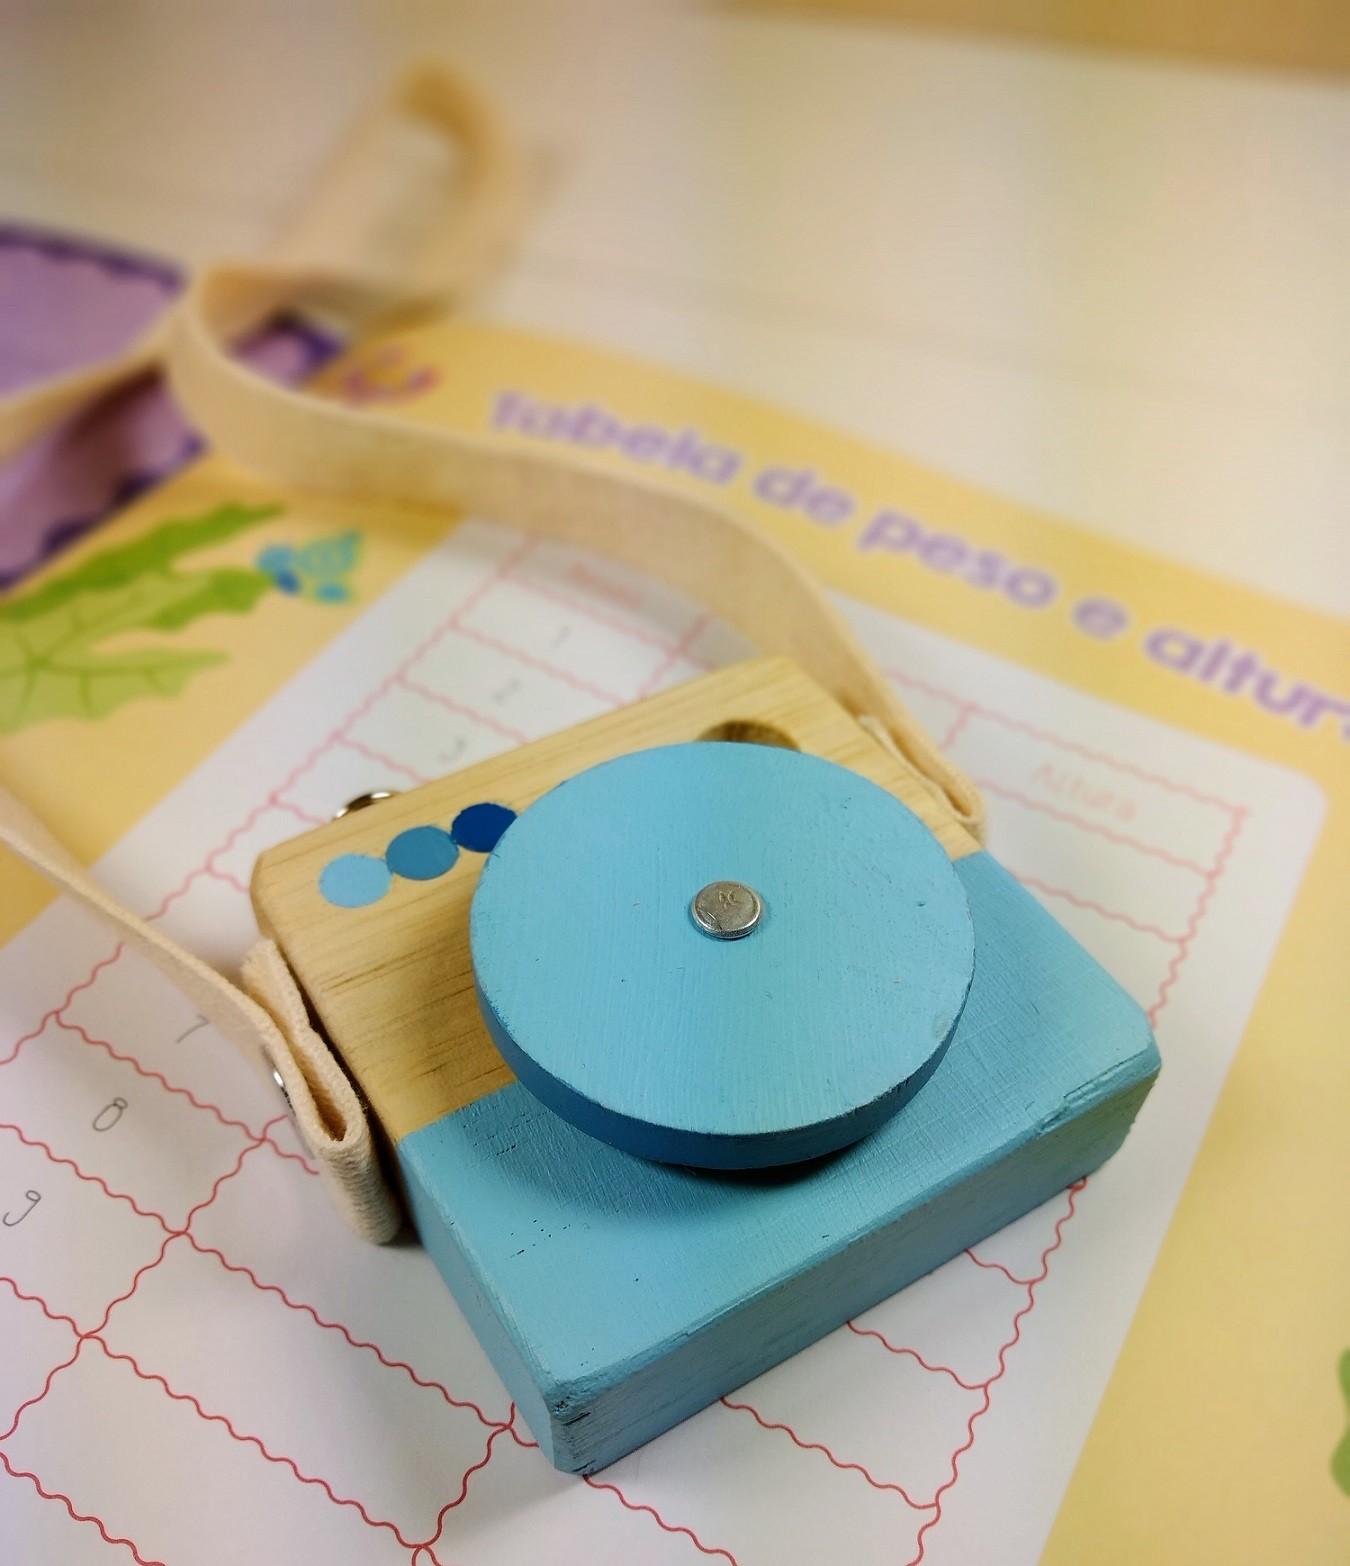 Brinquedo de madeira - Minicâmera CuteCam Azul, da Cute Cubes - Cód. CC004